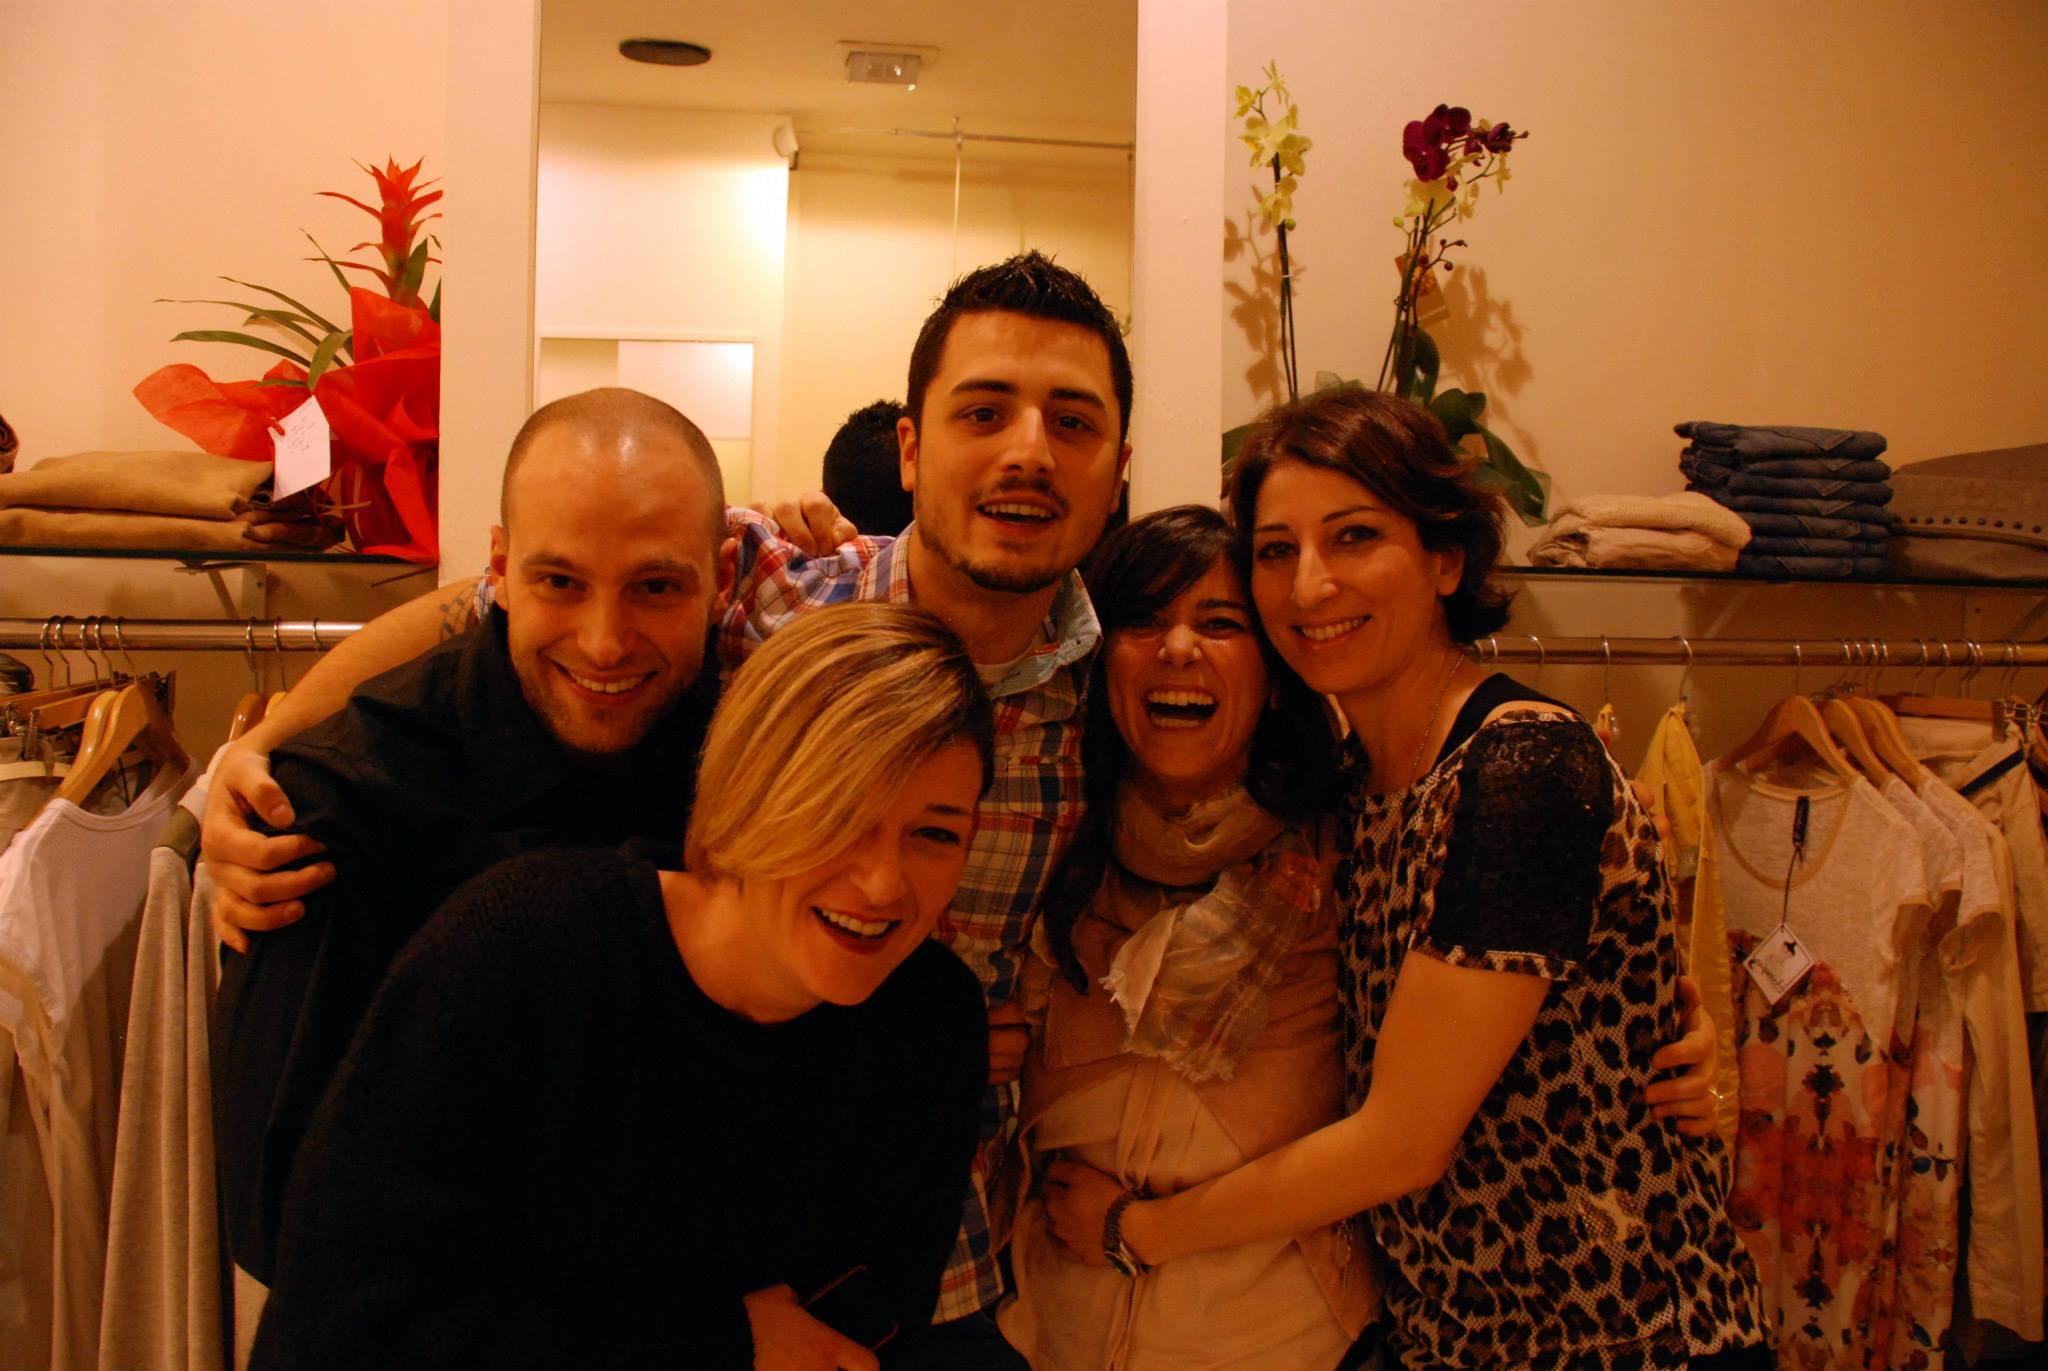 Riki, Giulia, Antomio, Lara e Romina... che dite, ci stavamo divertendo?